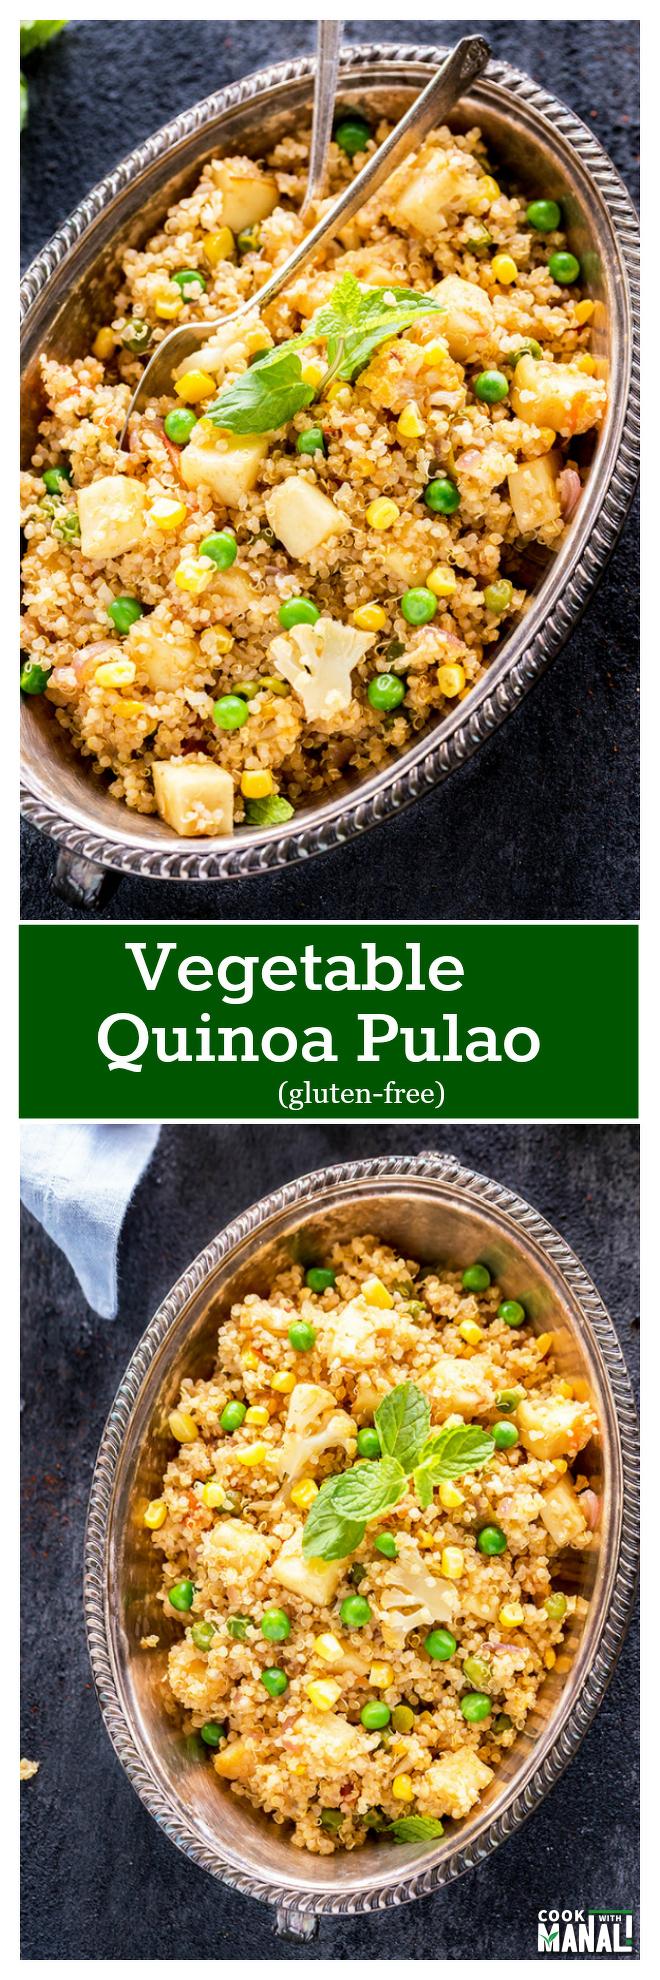 vegetable-quinoa-pulao-collage